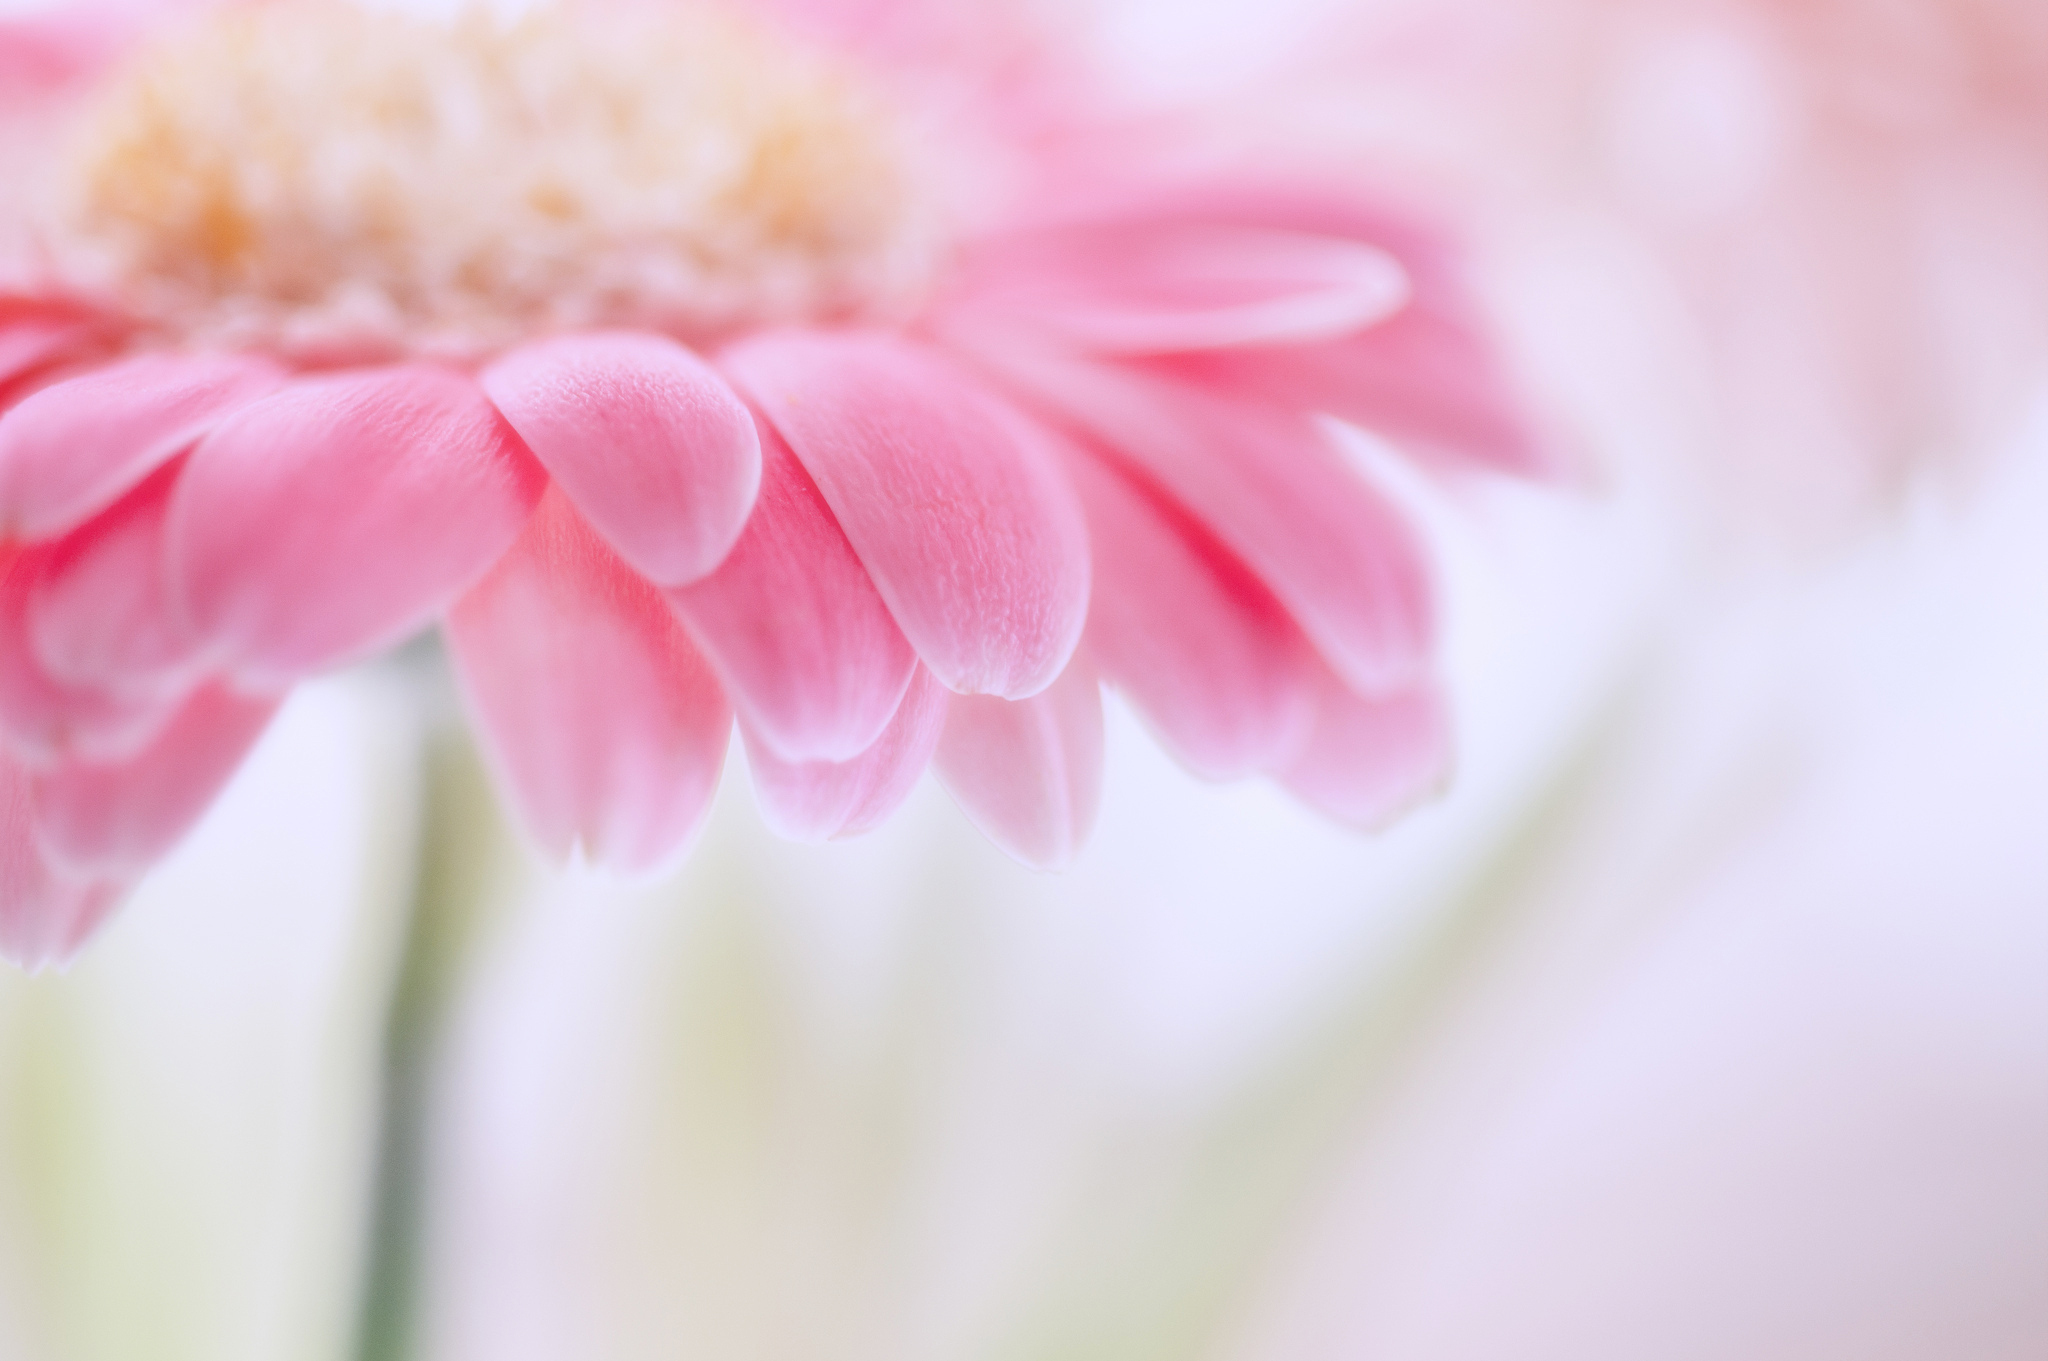 цветы макро розовые  № 1347149 бесплатно